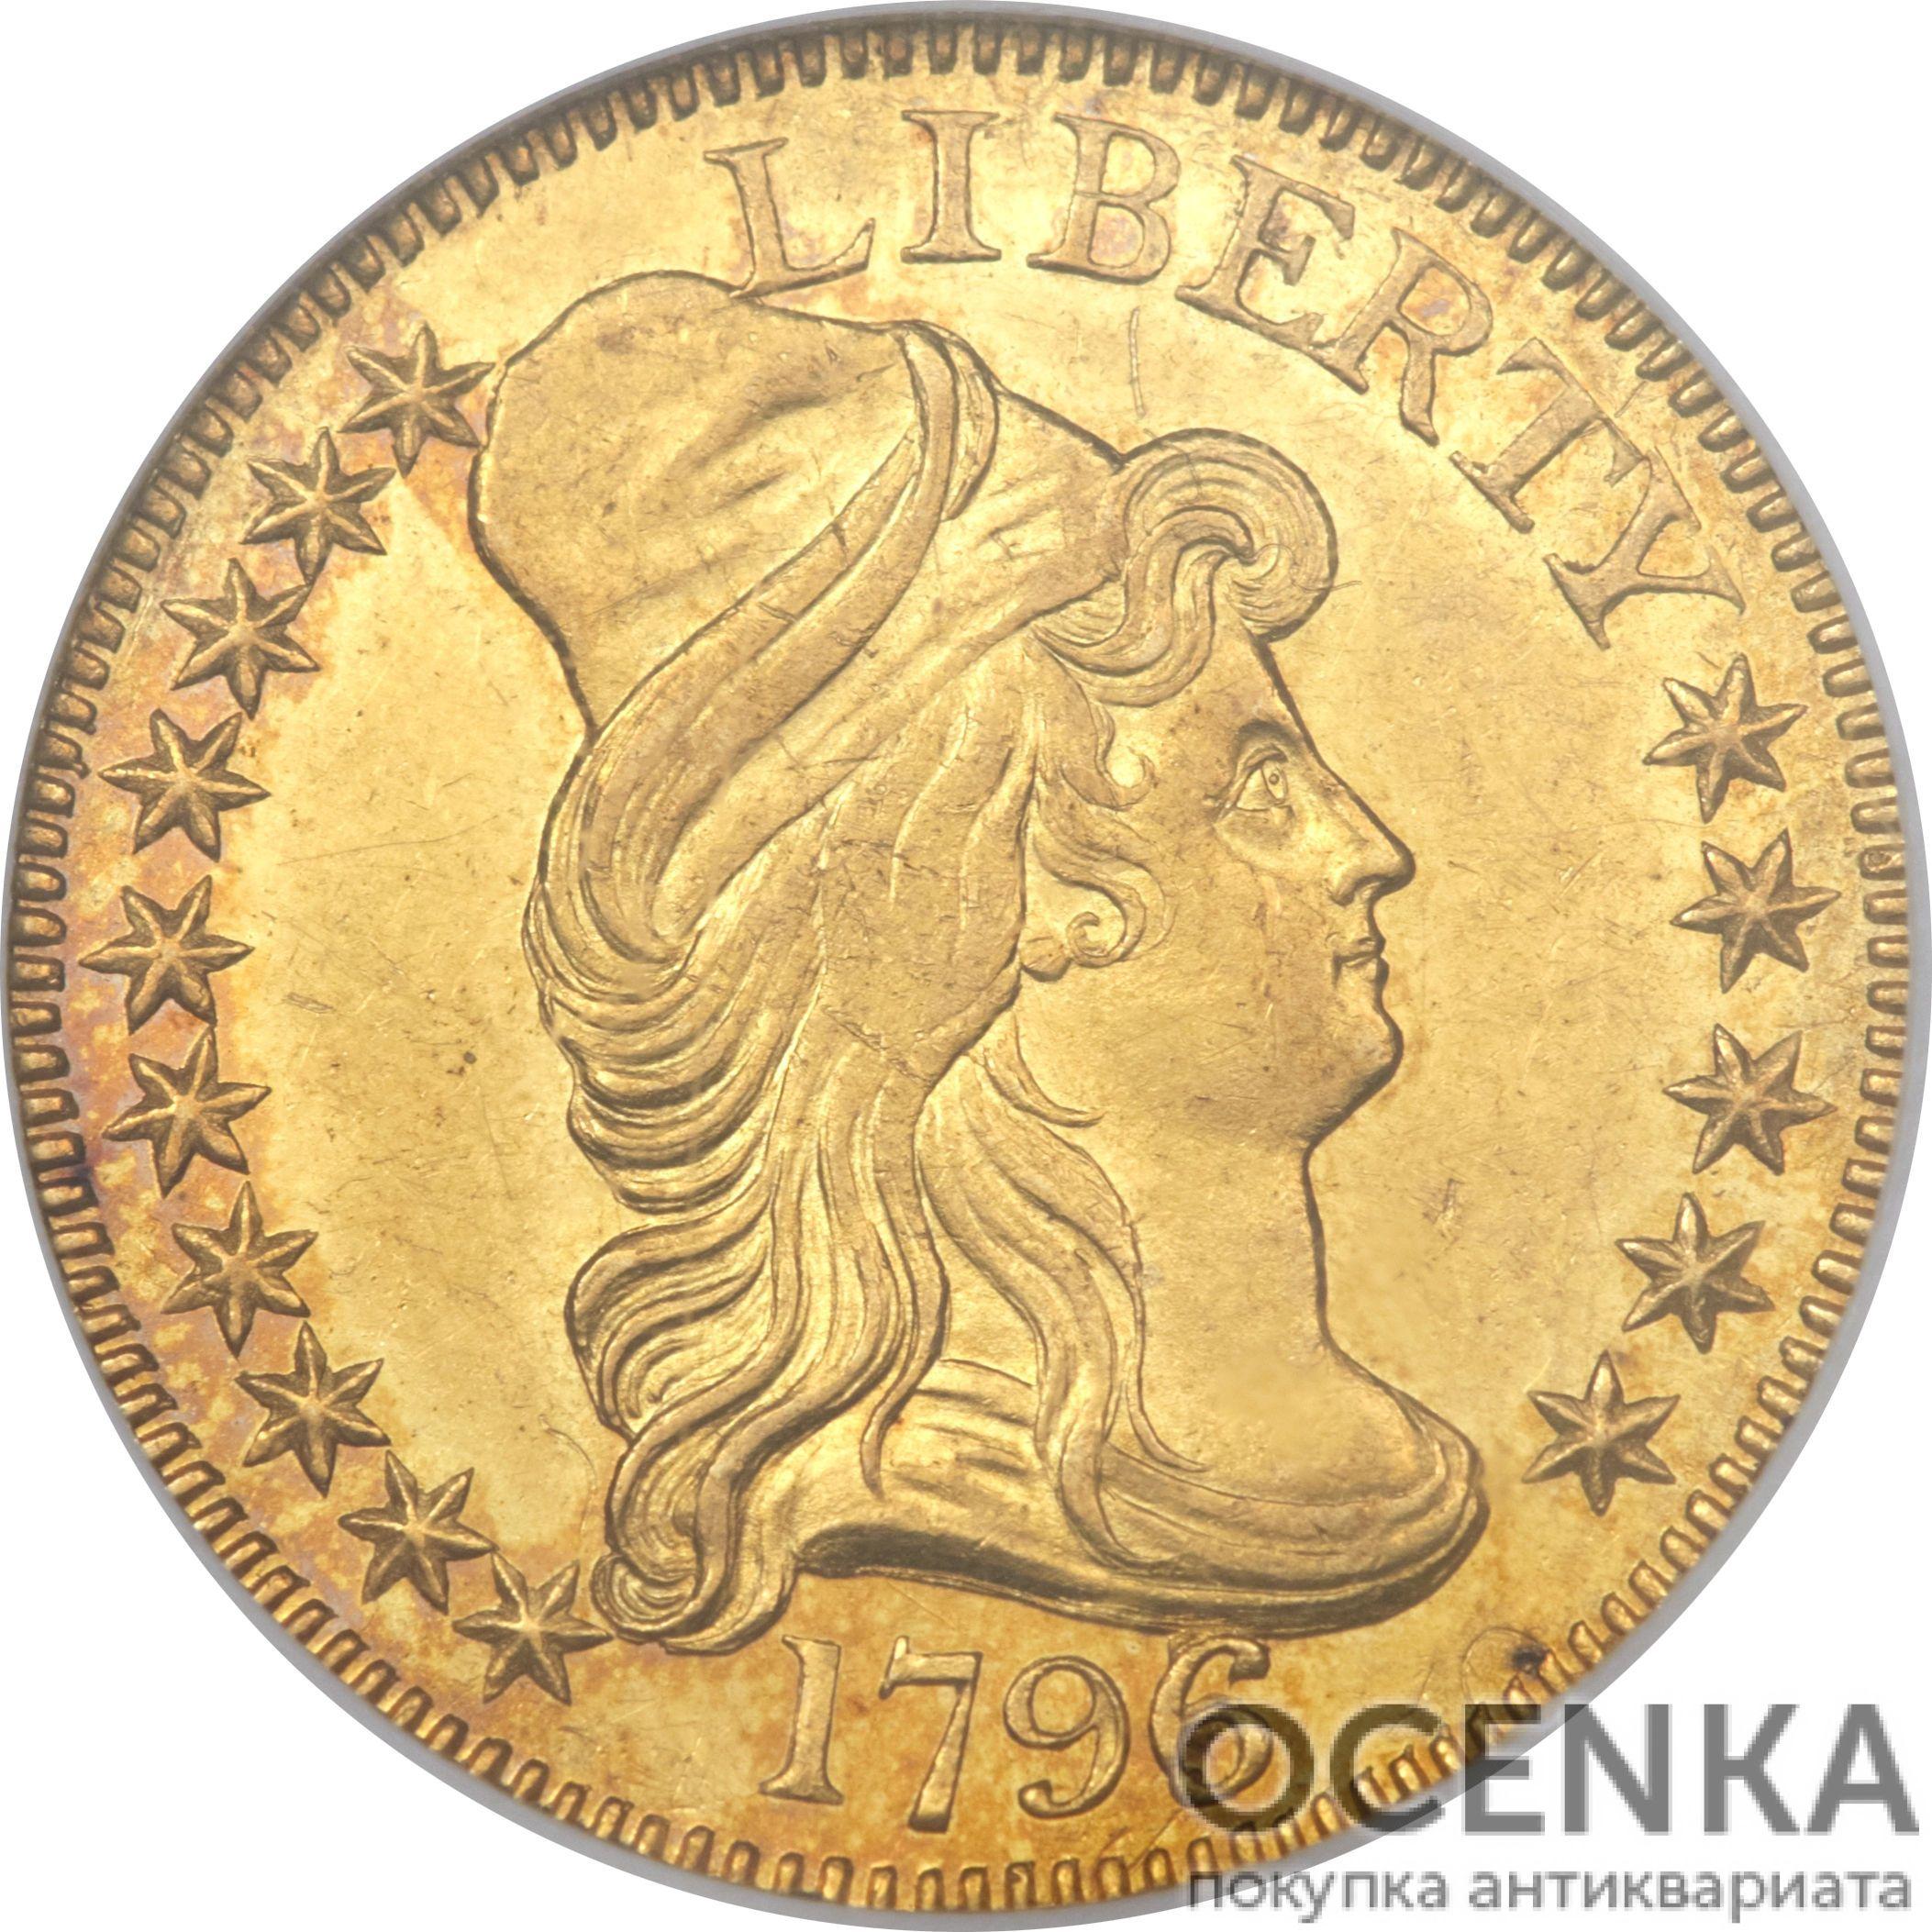 Золотая монета 5 Dollars (5 долларов) США - 1